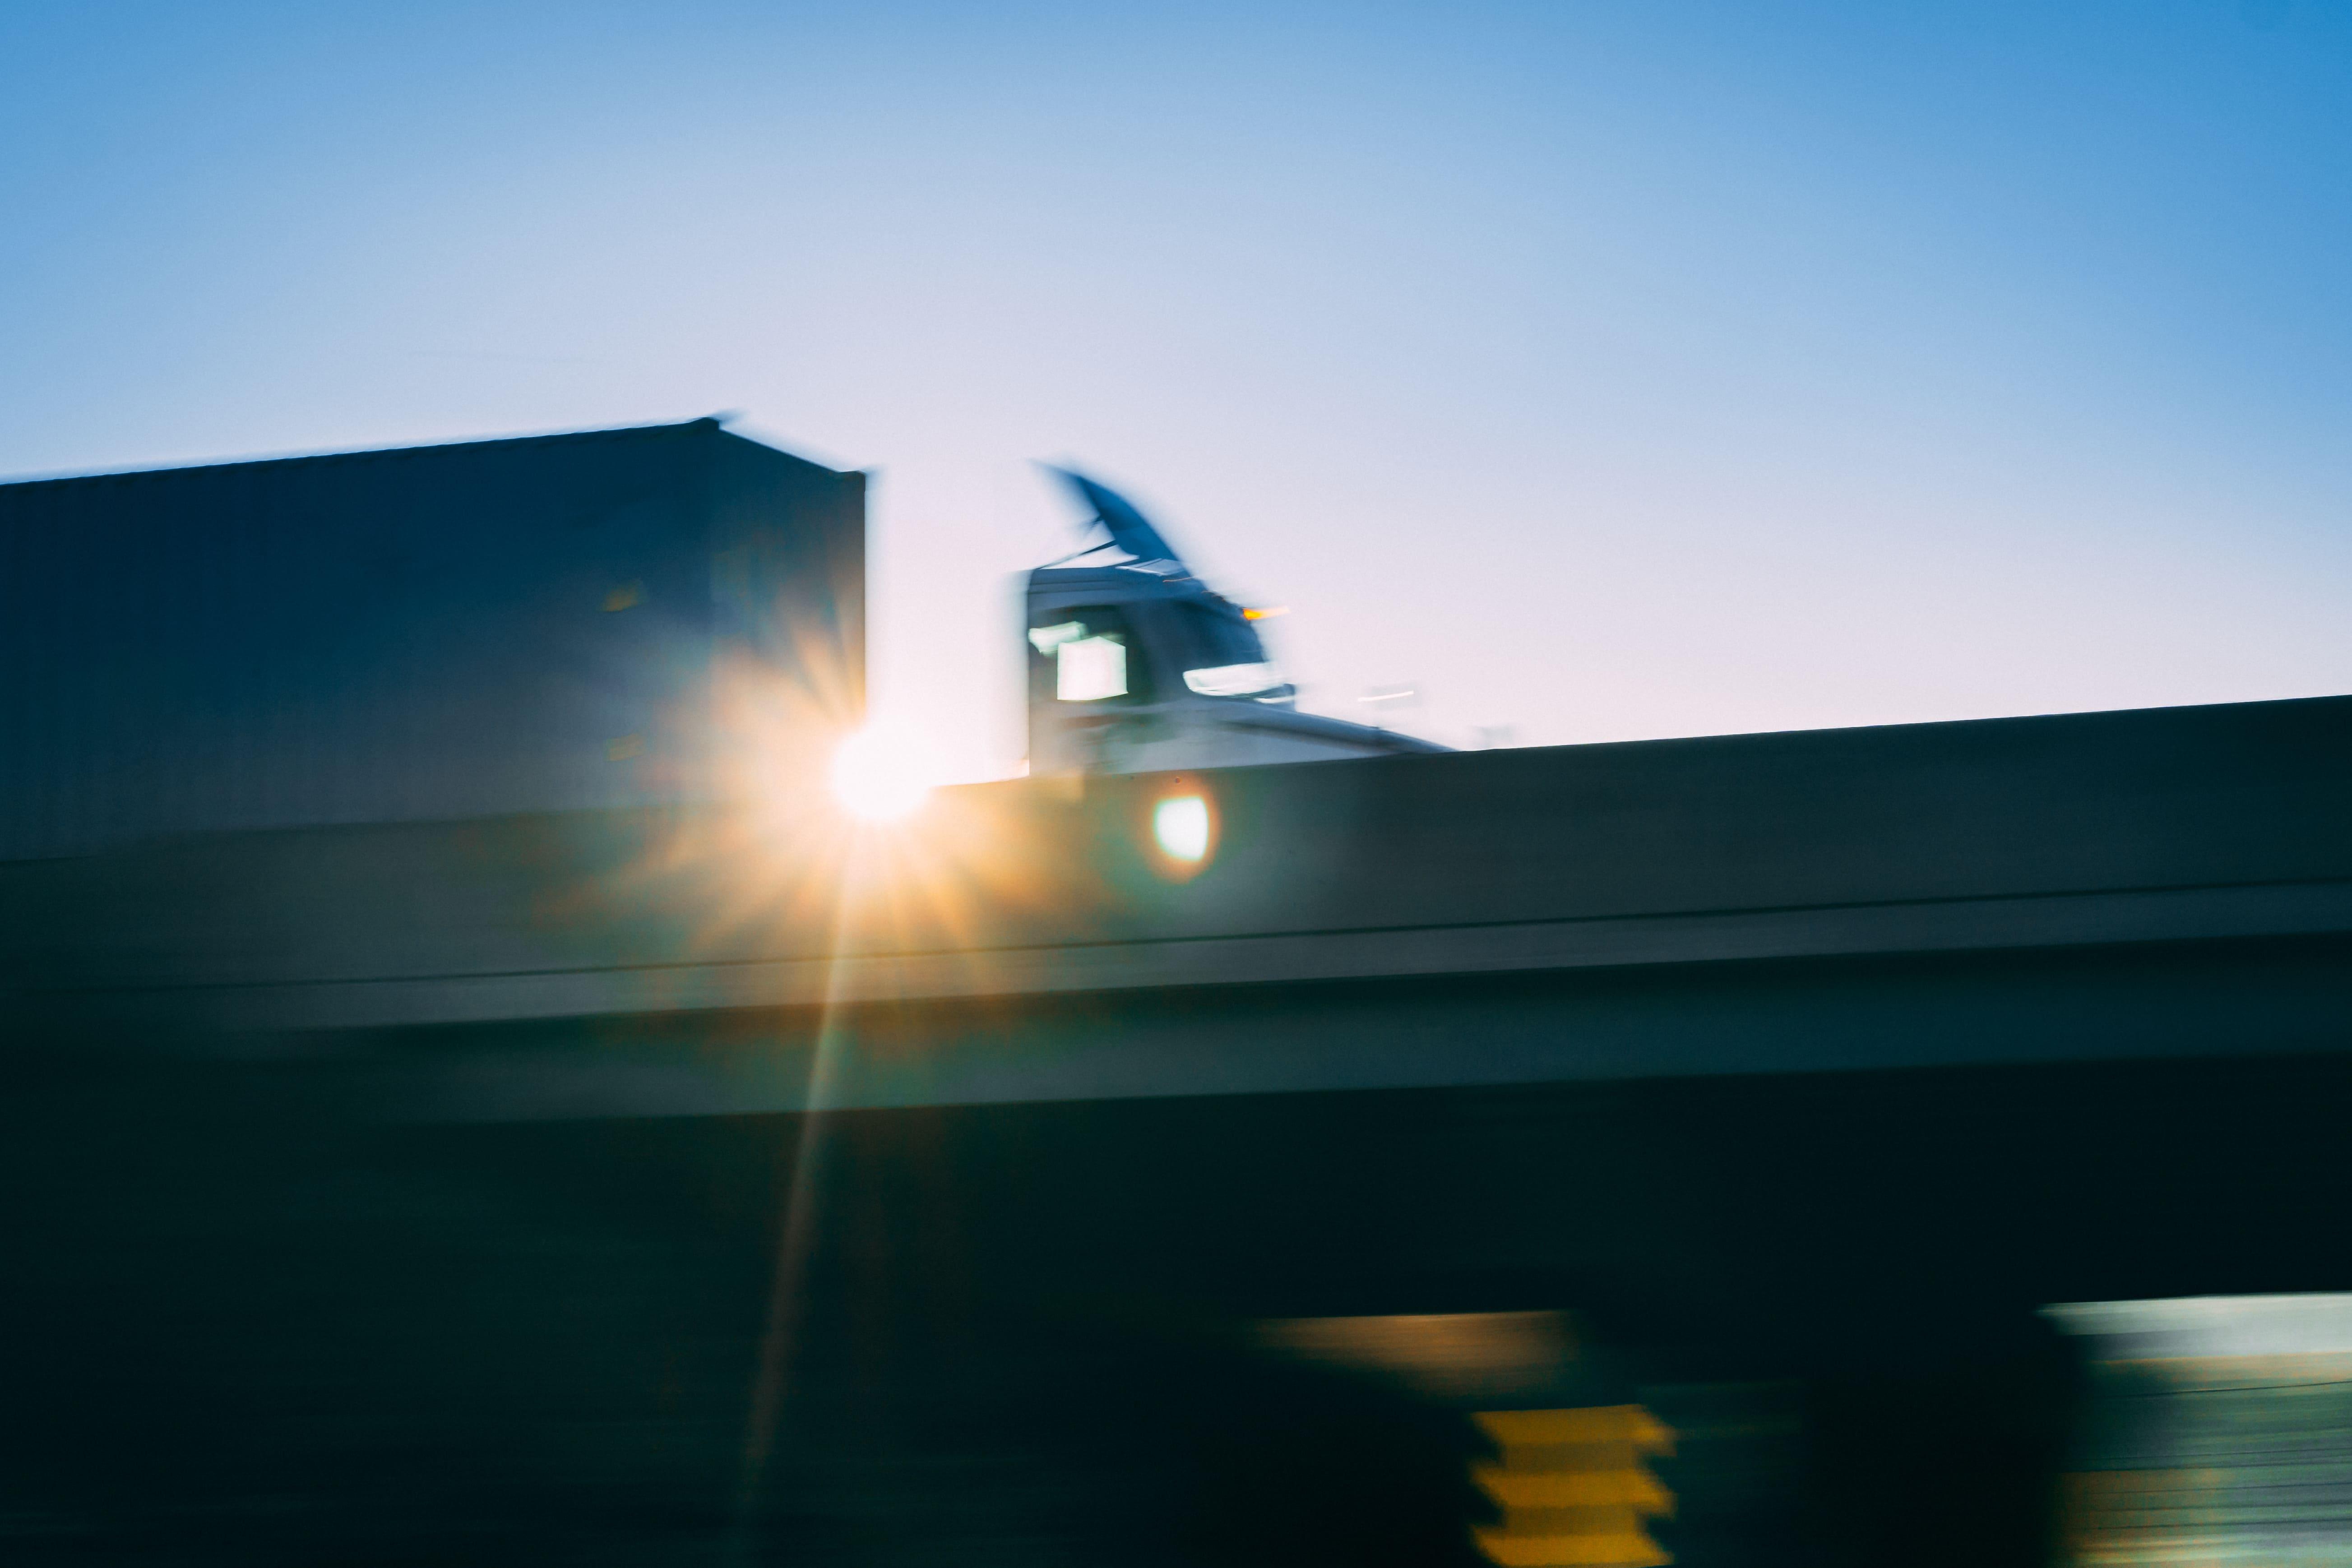 「ミニキャブトラック」の中古車を自社ローンで購入した方の車両価格相場と口コミ(体験談)